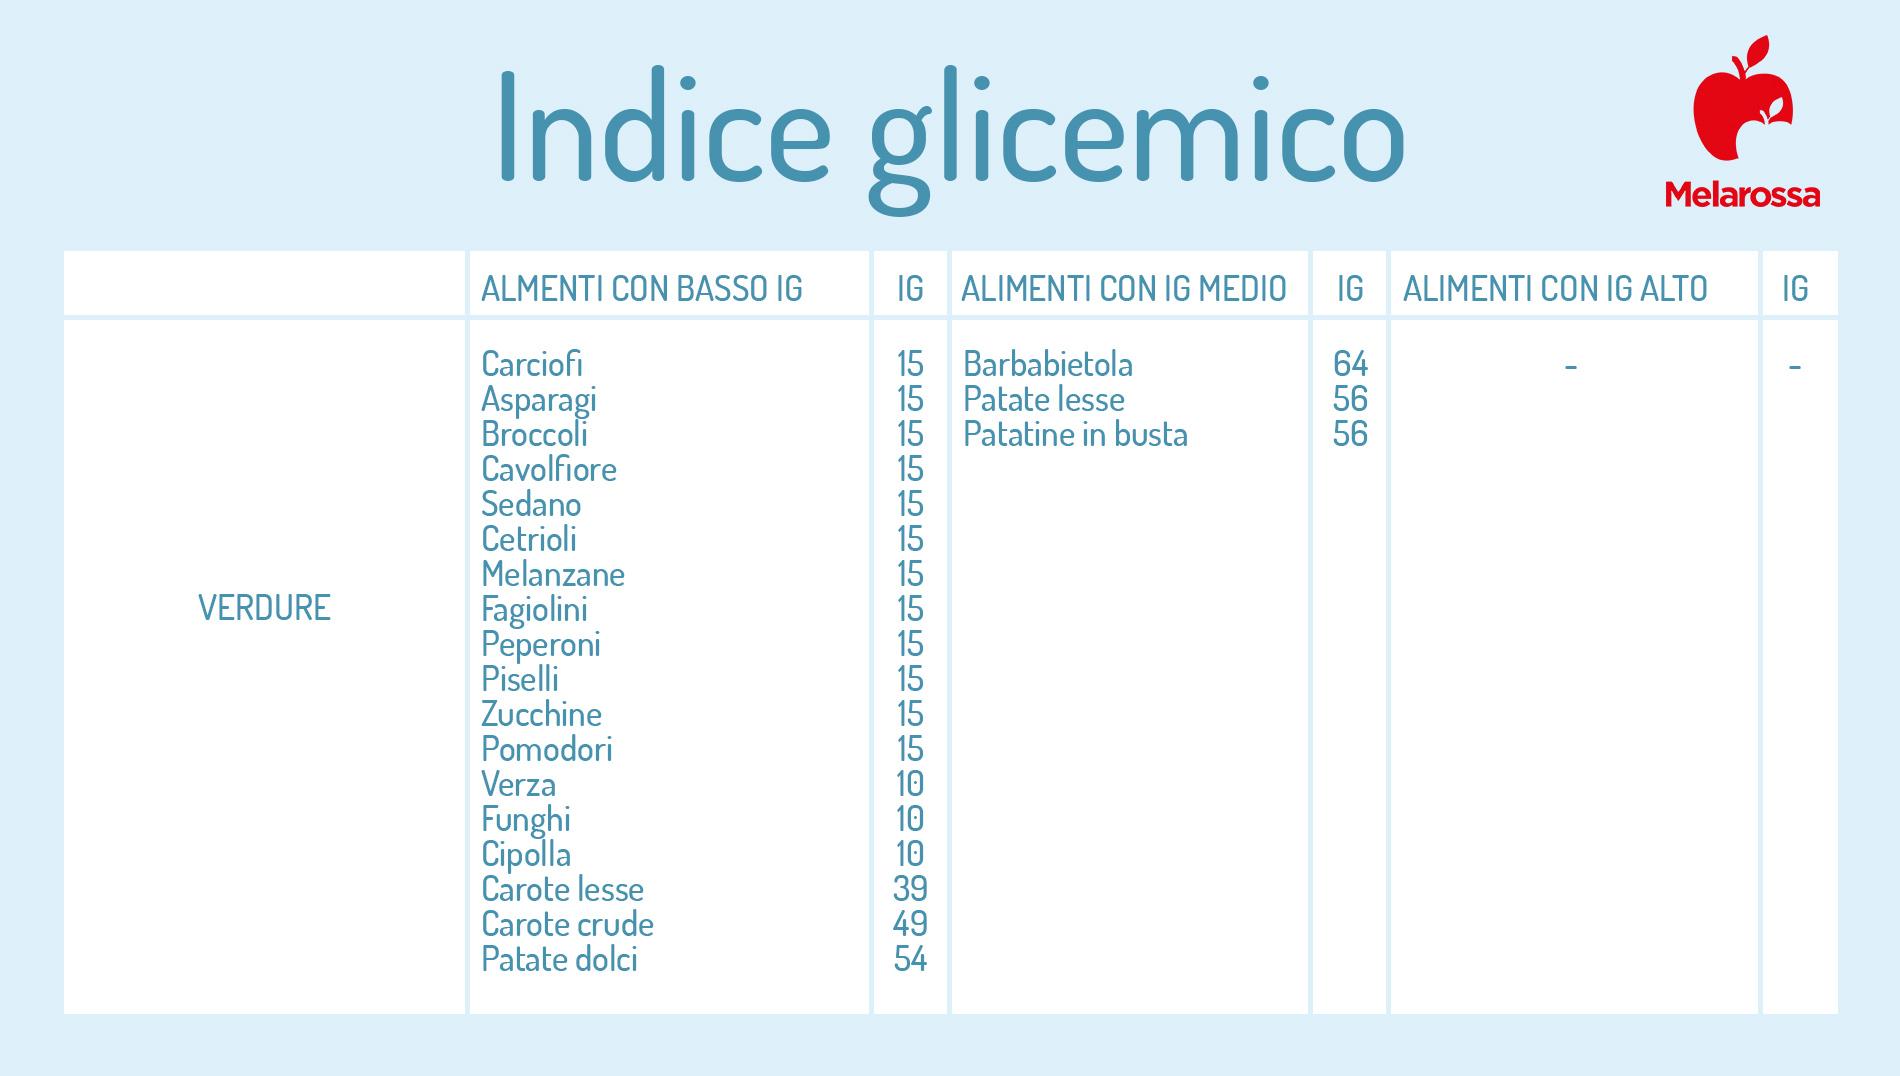 indice glicemico delle verdure